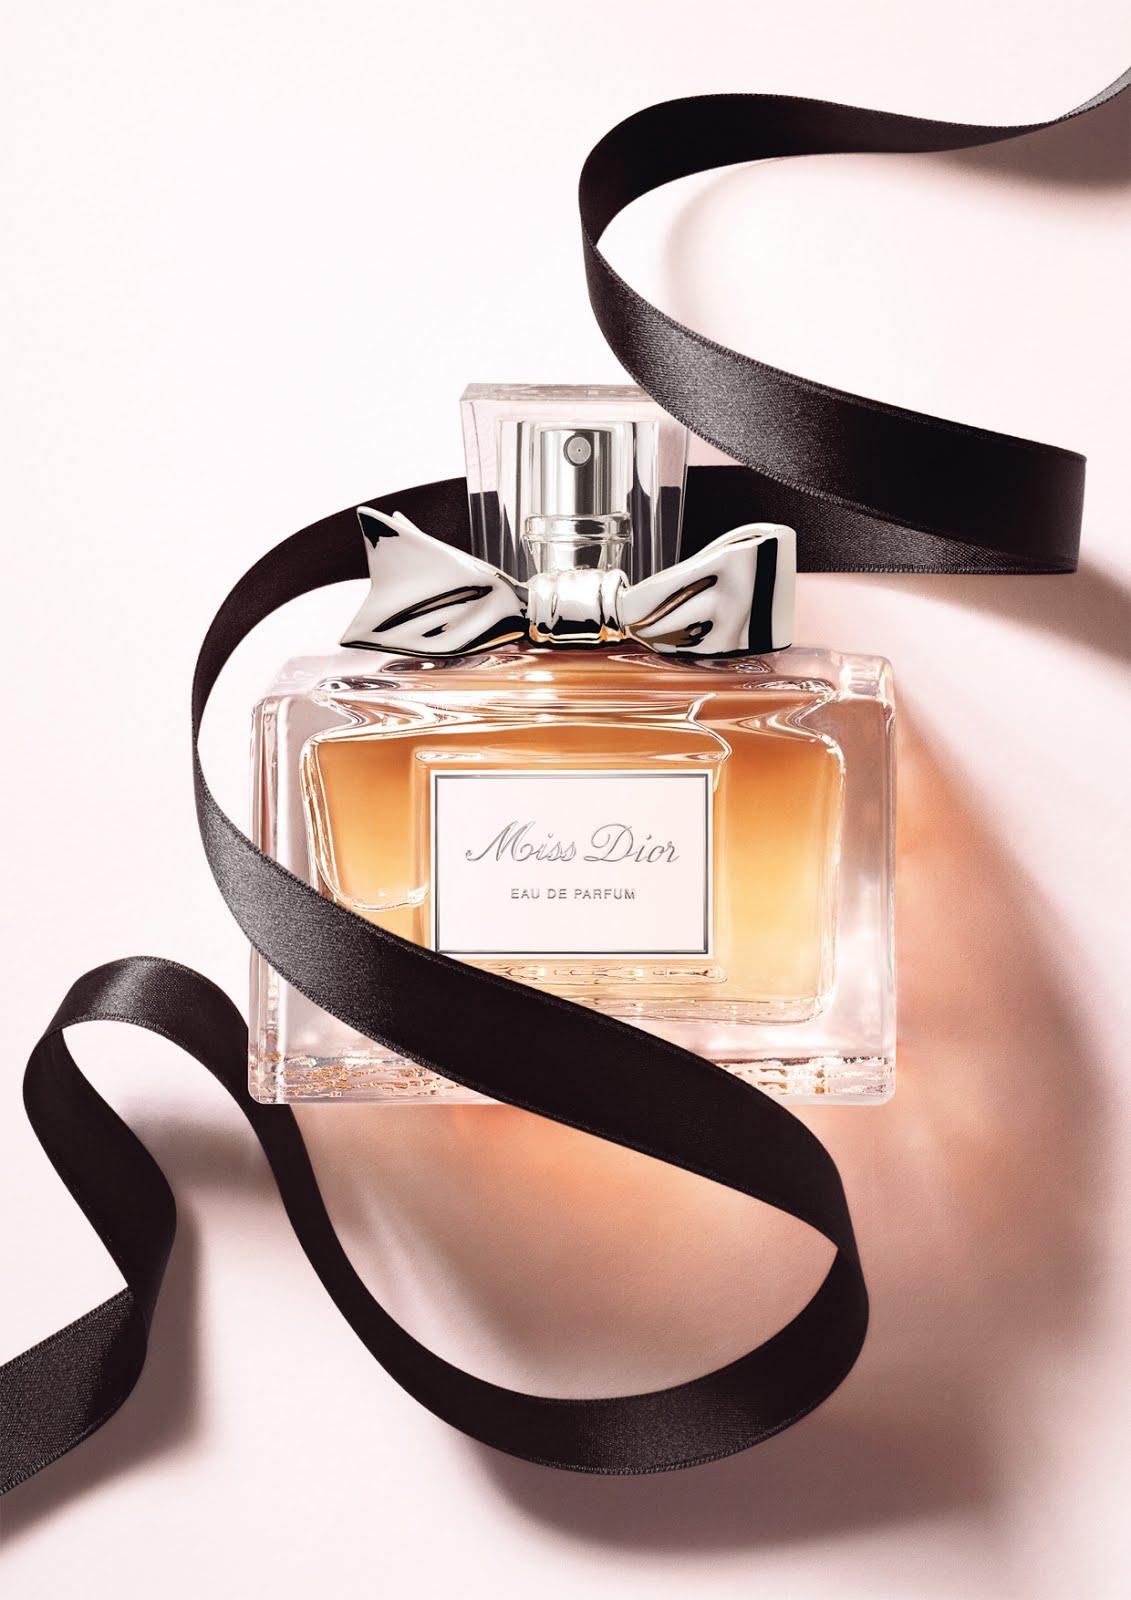 Le Perfume: Miss Dior